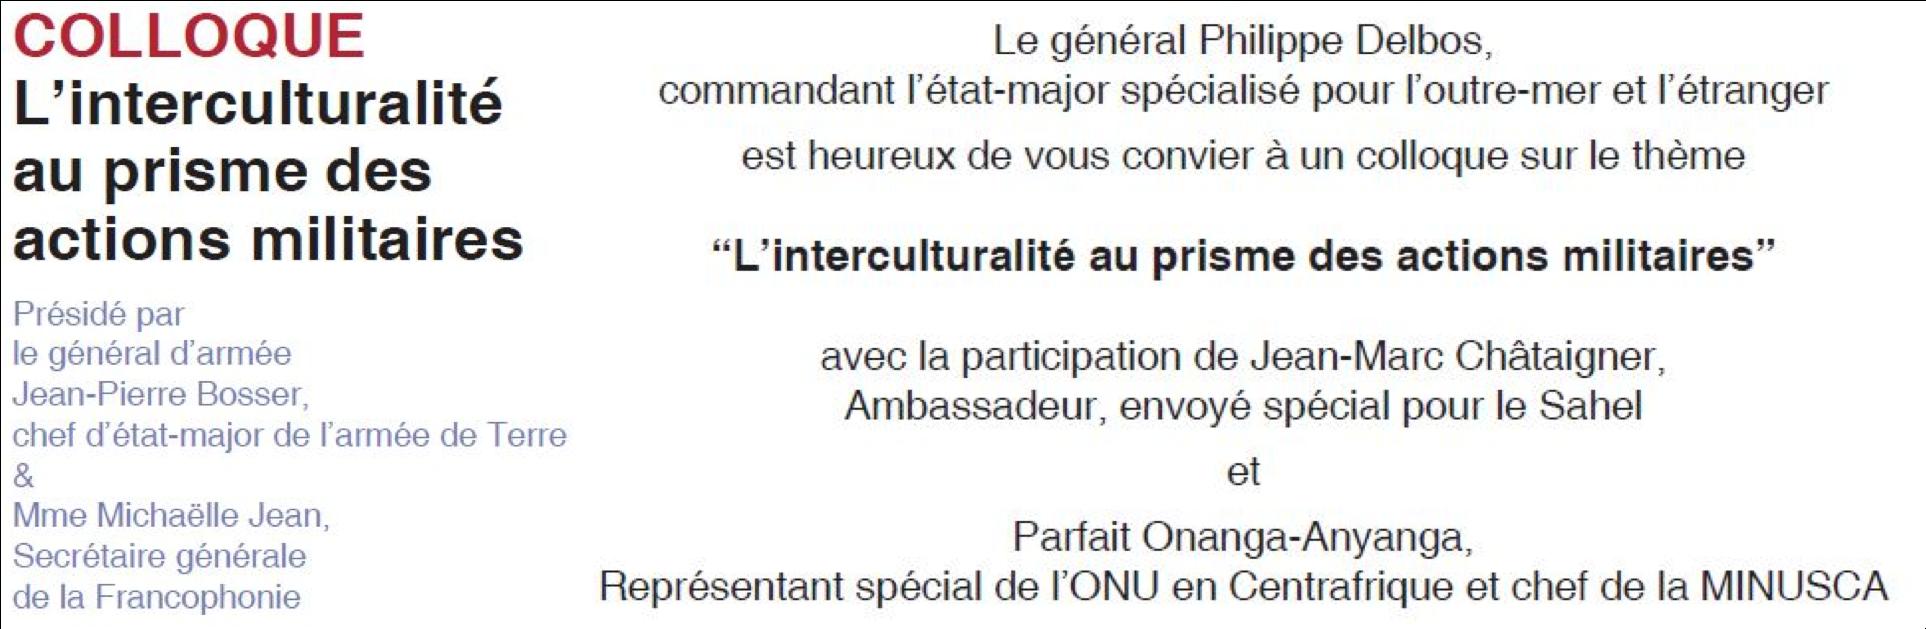 Participation au colloque «L'interculturalité au prisme des actions militaires» (le 28/11, ouvert à tous)